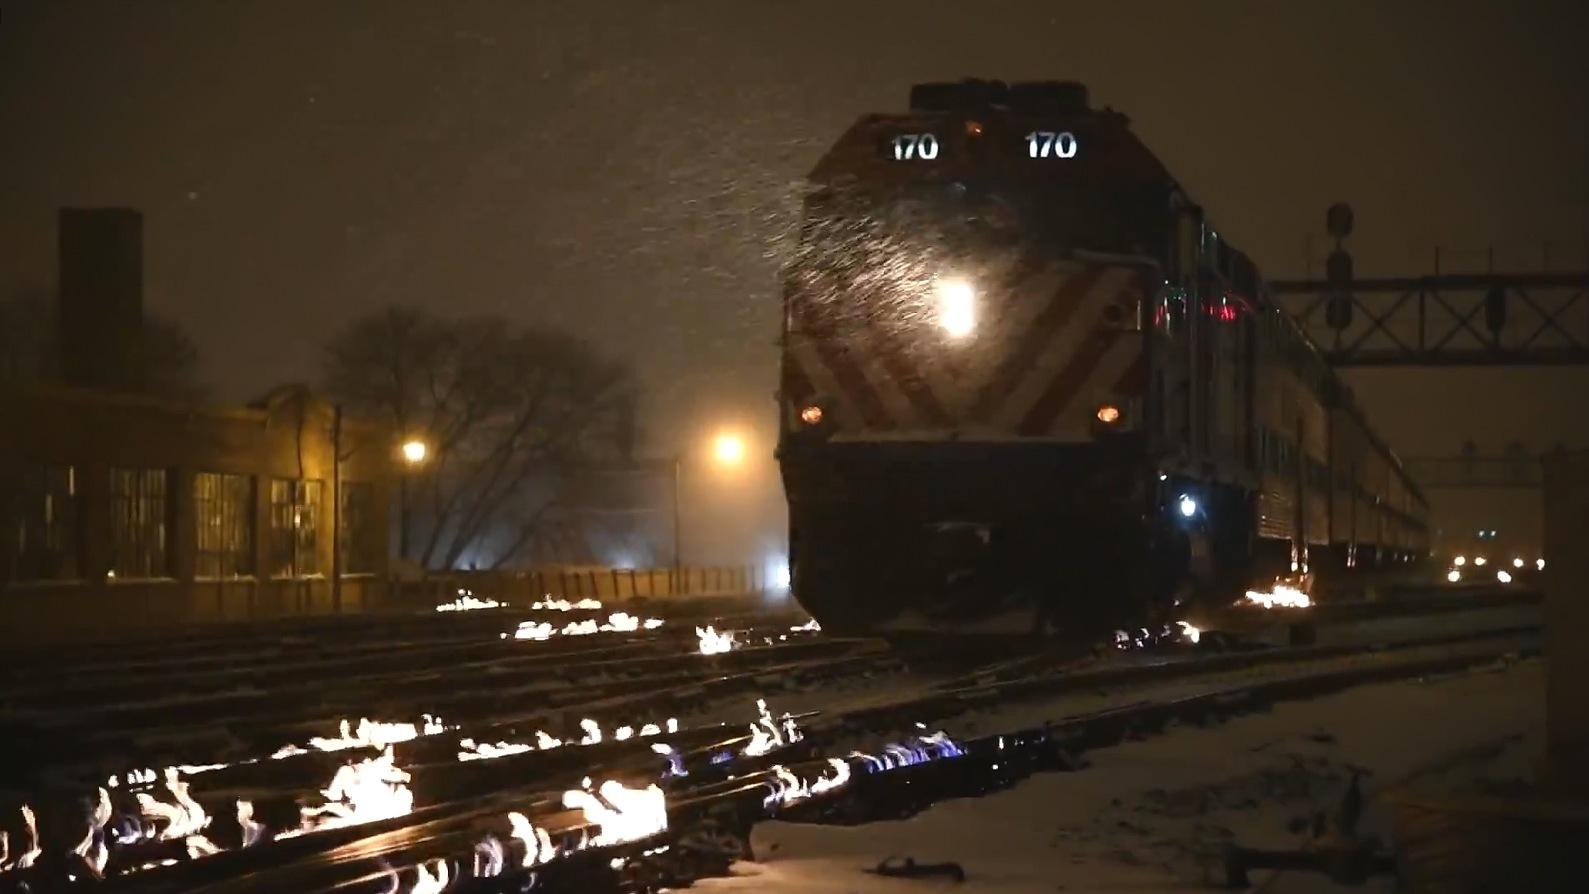 ¿Por qué arden las vías de la estación de Chicago, si están a 40 grados bajo cero?